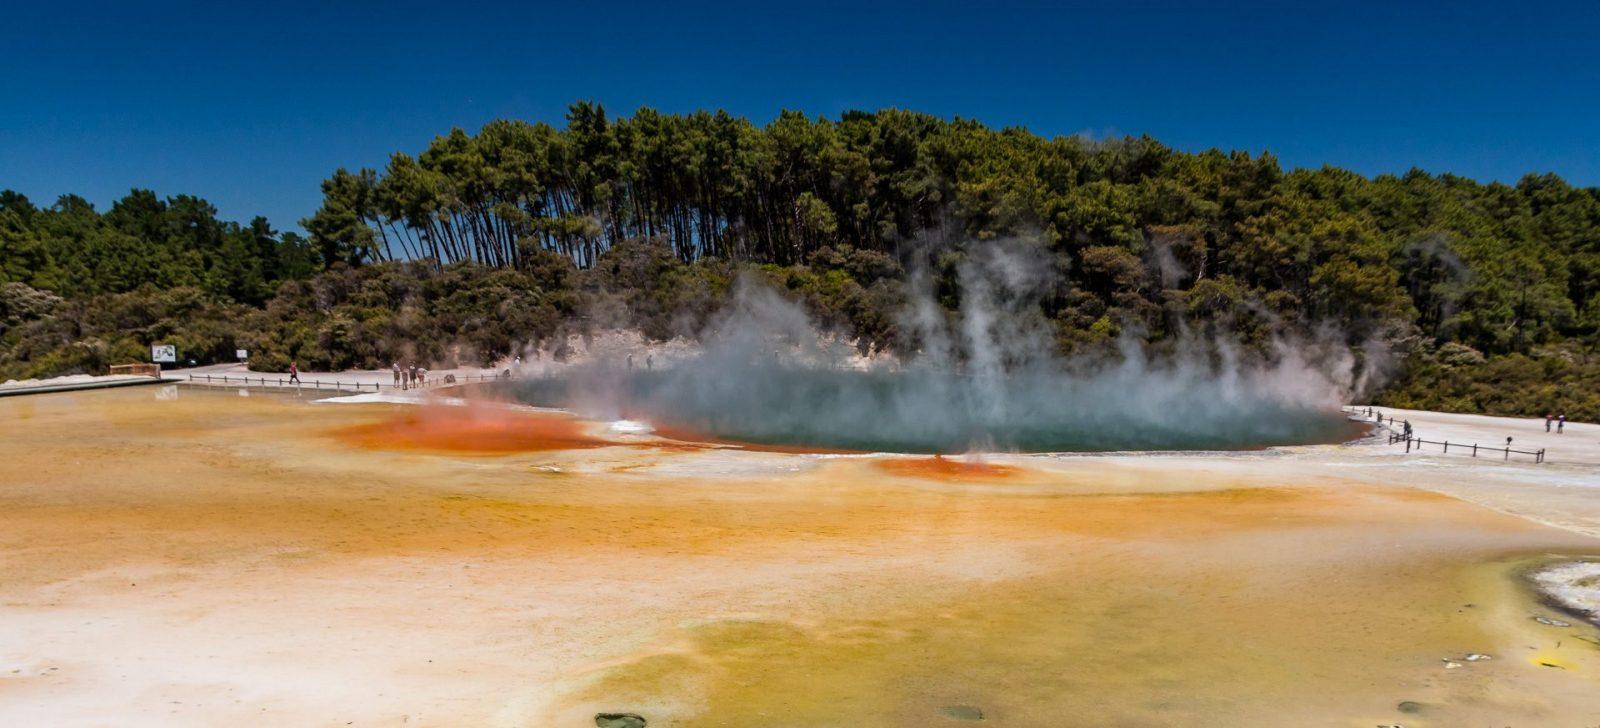 Malířova paleta v geotermálním parku Waiotapu - různá místa v parku Waiotapu hrají různými barvami, ale všemu jednoznačně vévodí Malířova paleta